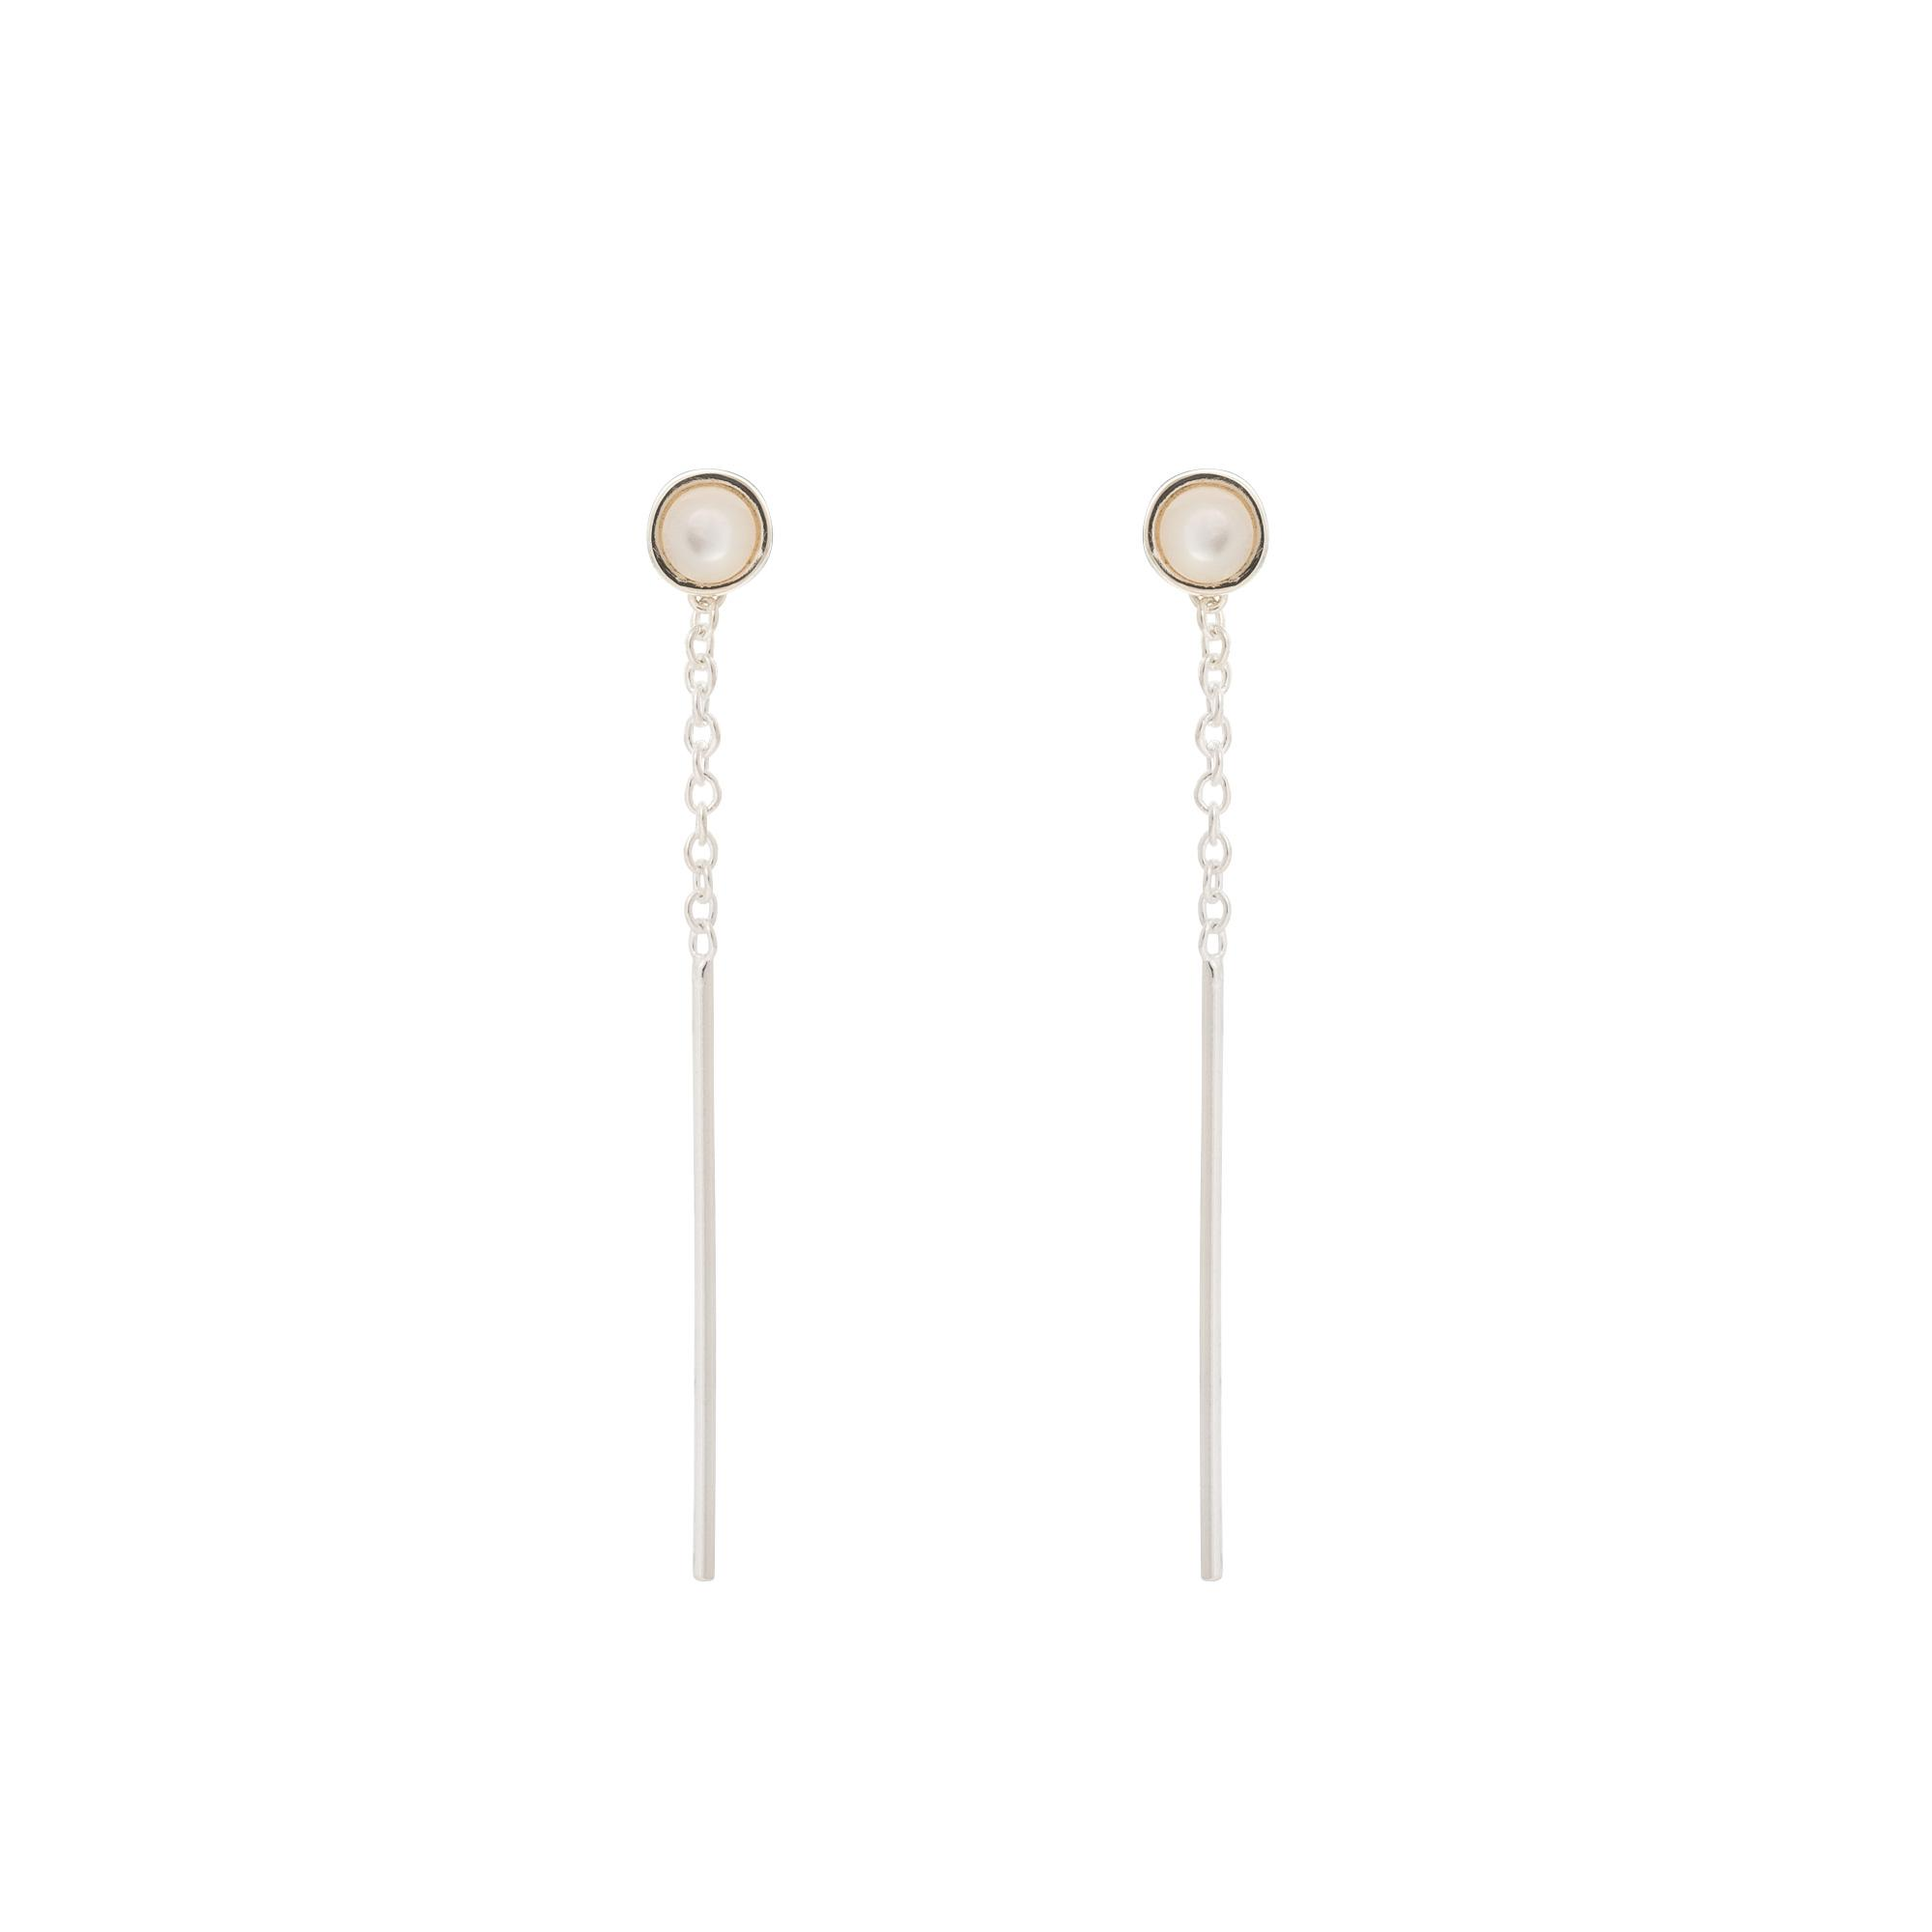 Oliver Bonas Cut Stone Silver Thread Through Earrings in Metallic - Lyst